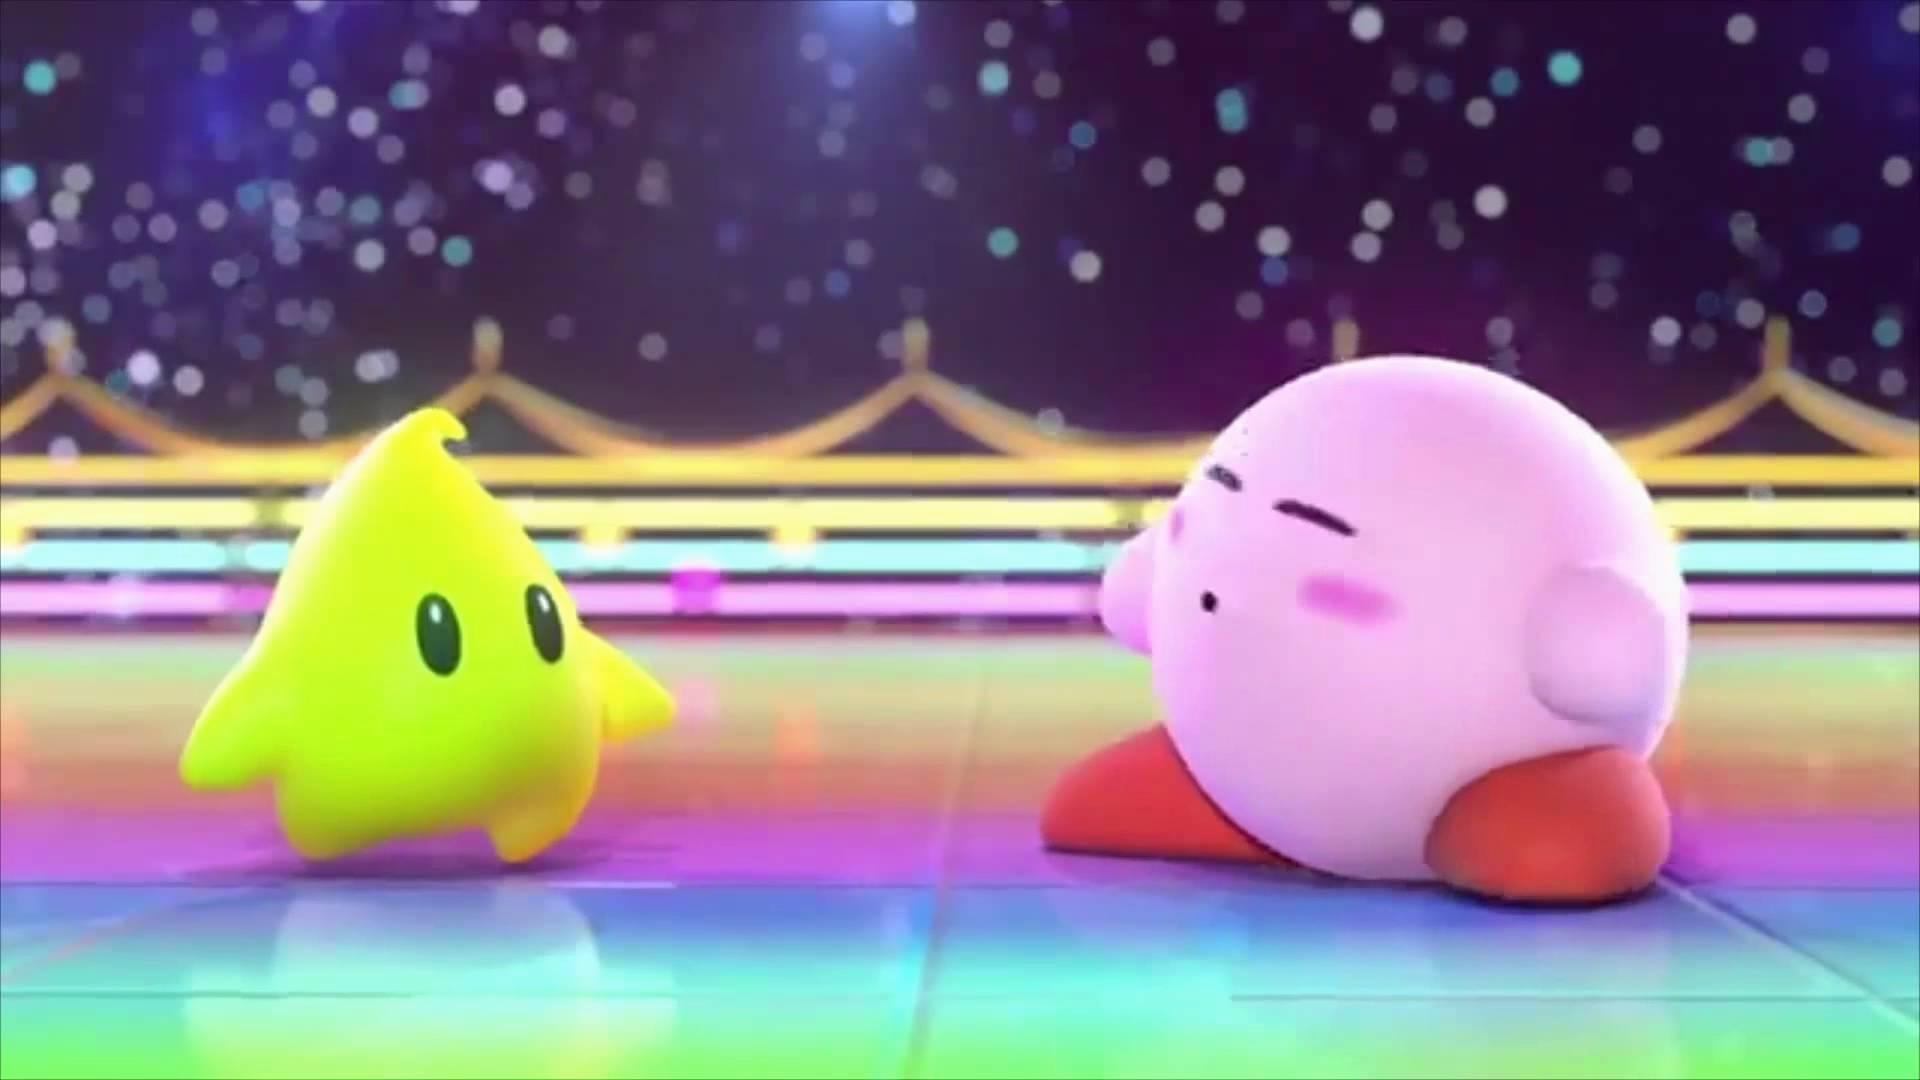 Desktop-Kirby-Wallpaper-HD